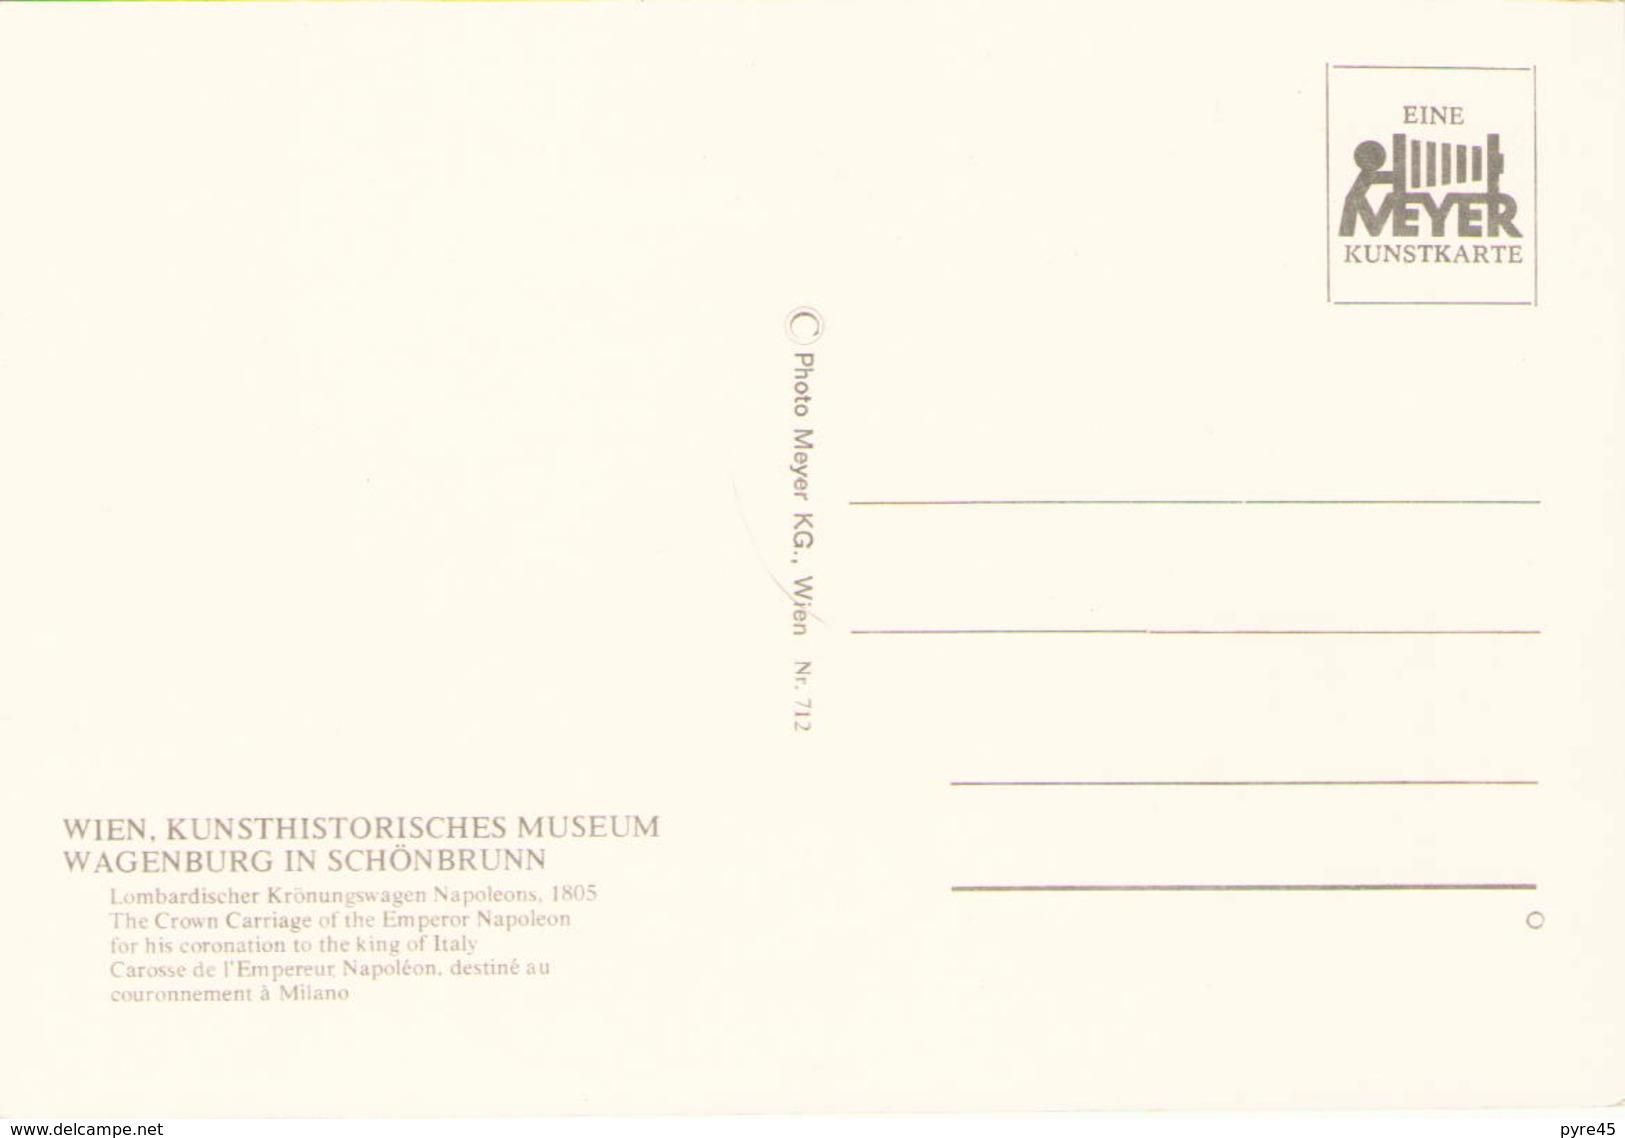 CAROSSE DE L EMPEREUR NAPOLEON DESTINE AU COURONNEMENT A MILANO - Taxi & Carrozzelle